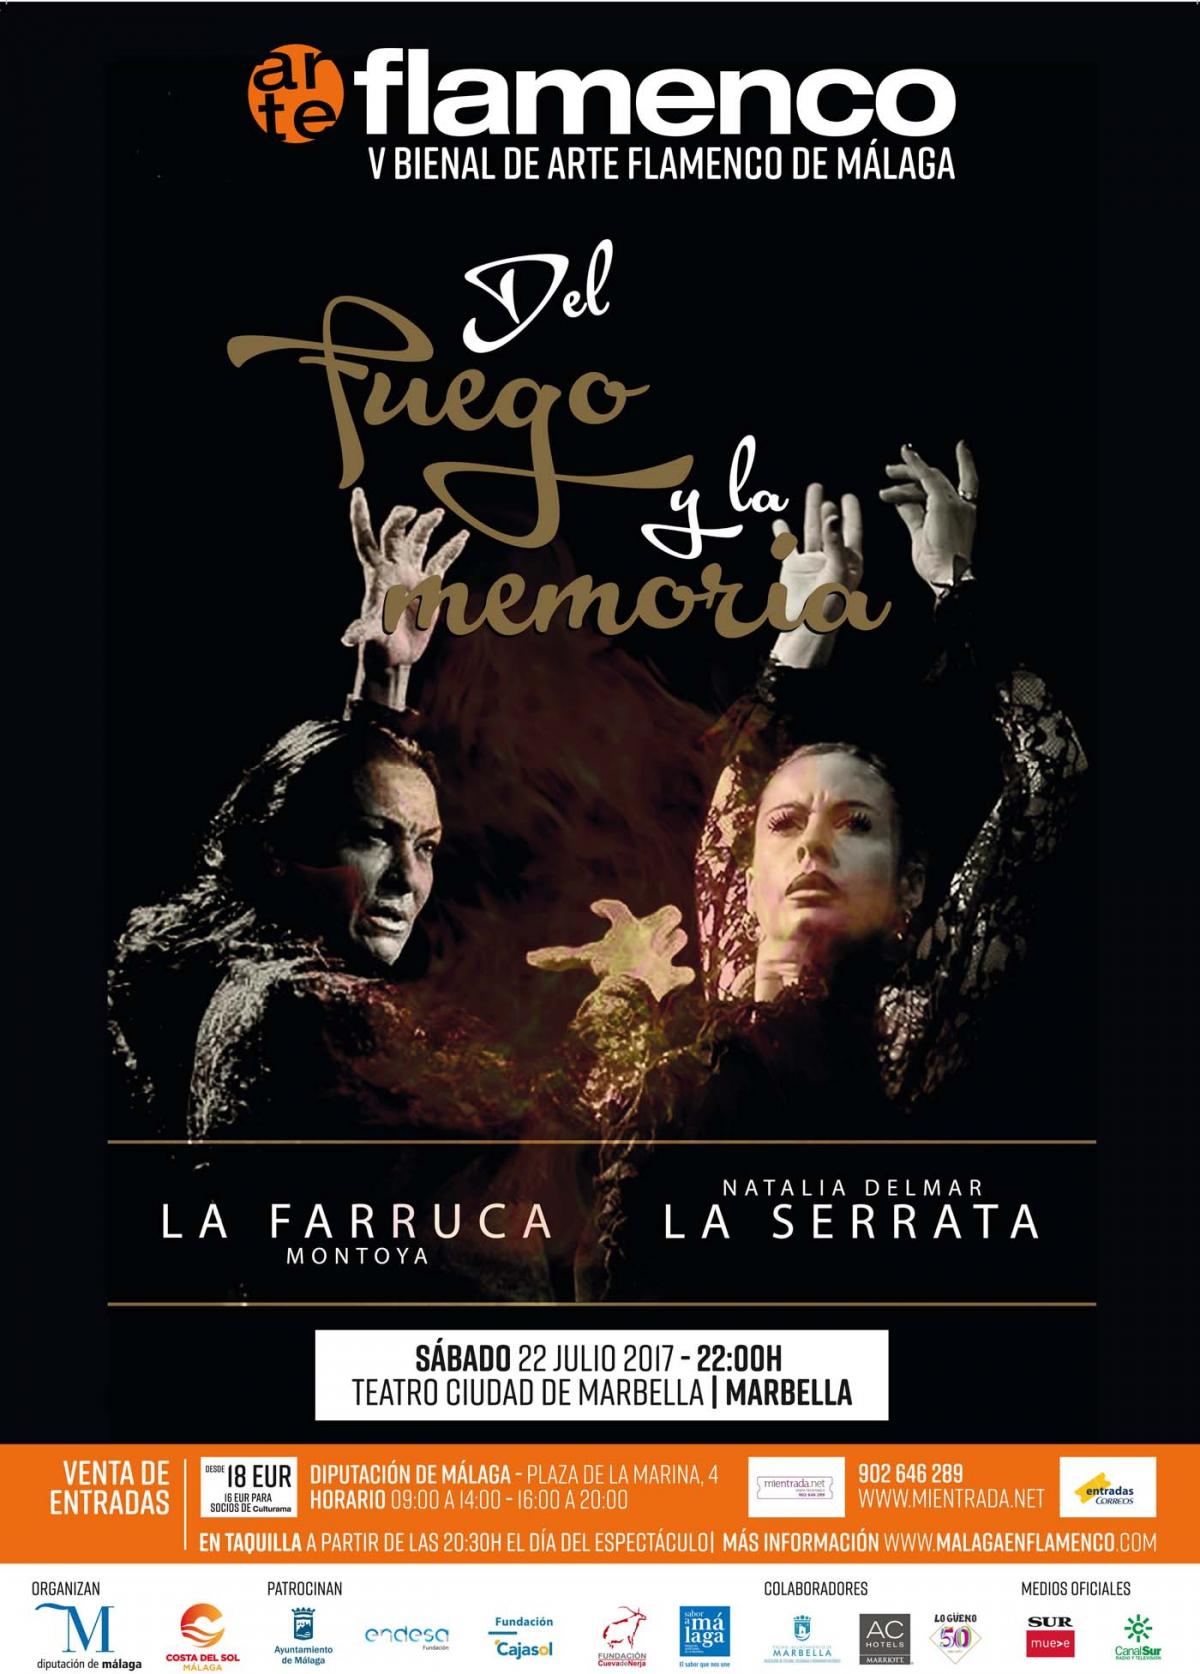 El Teatro Ciudad de Marbella acoge este sábado la V Bienal de Arte Flamenco